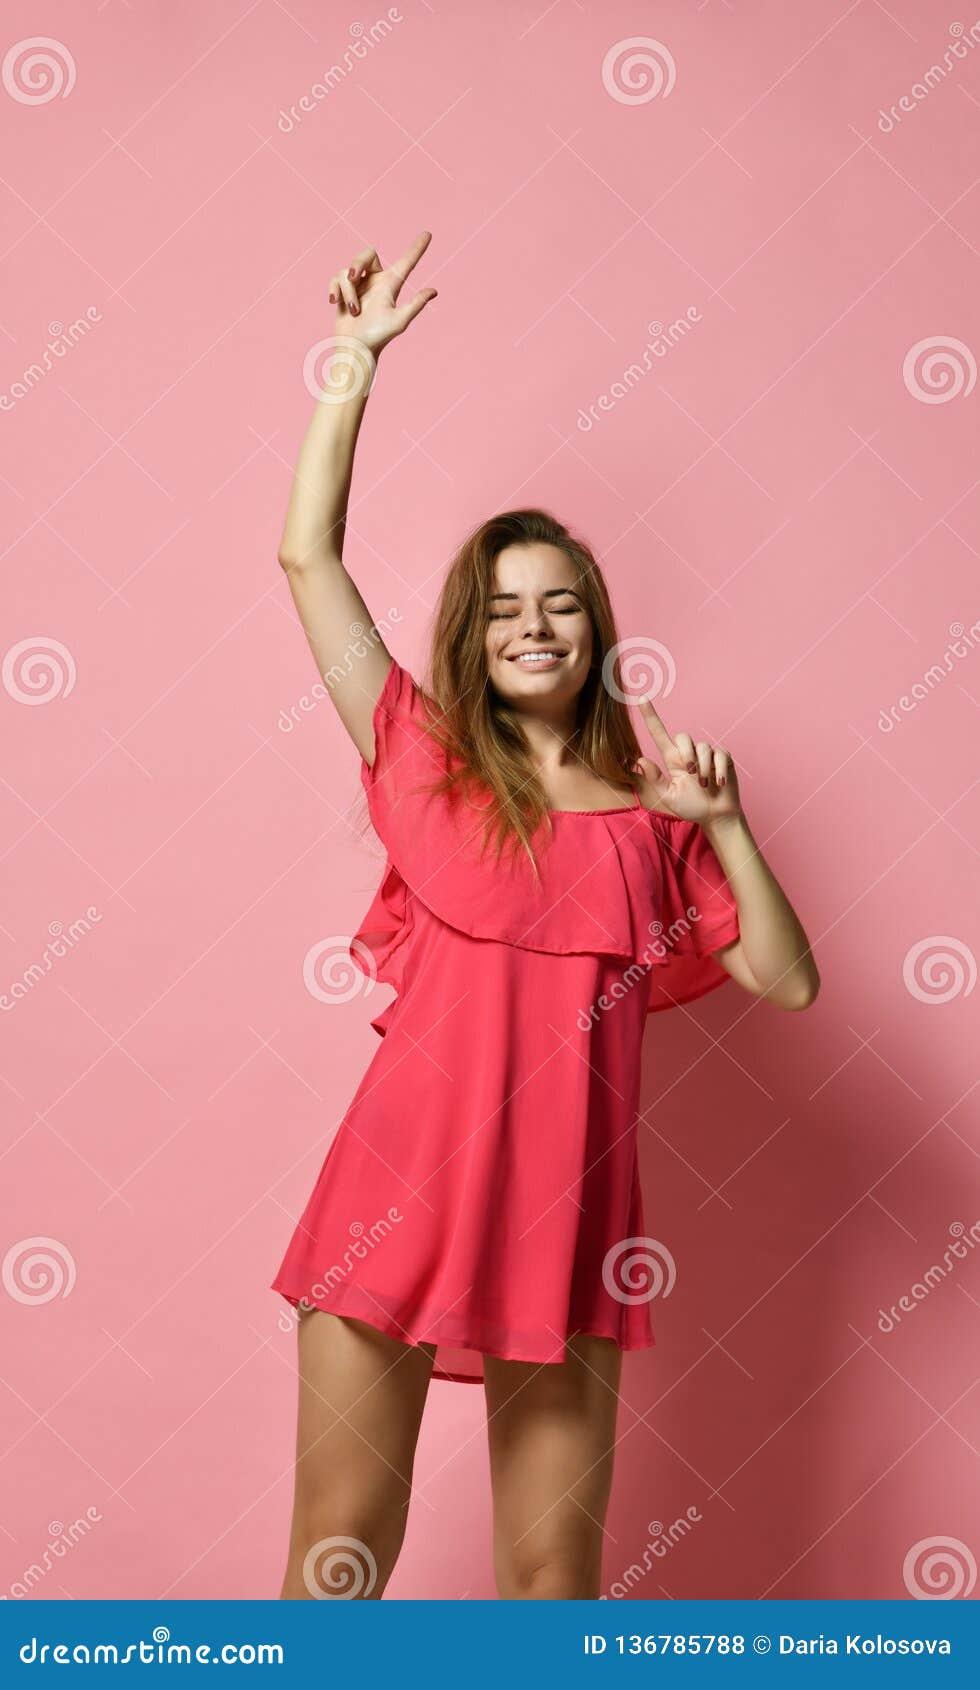 Retrato da dança caucasiano moreno da menina contra a parede cor-de-rosa com sorriso, bom humor de júbilo